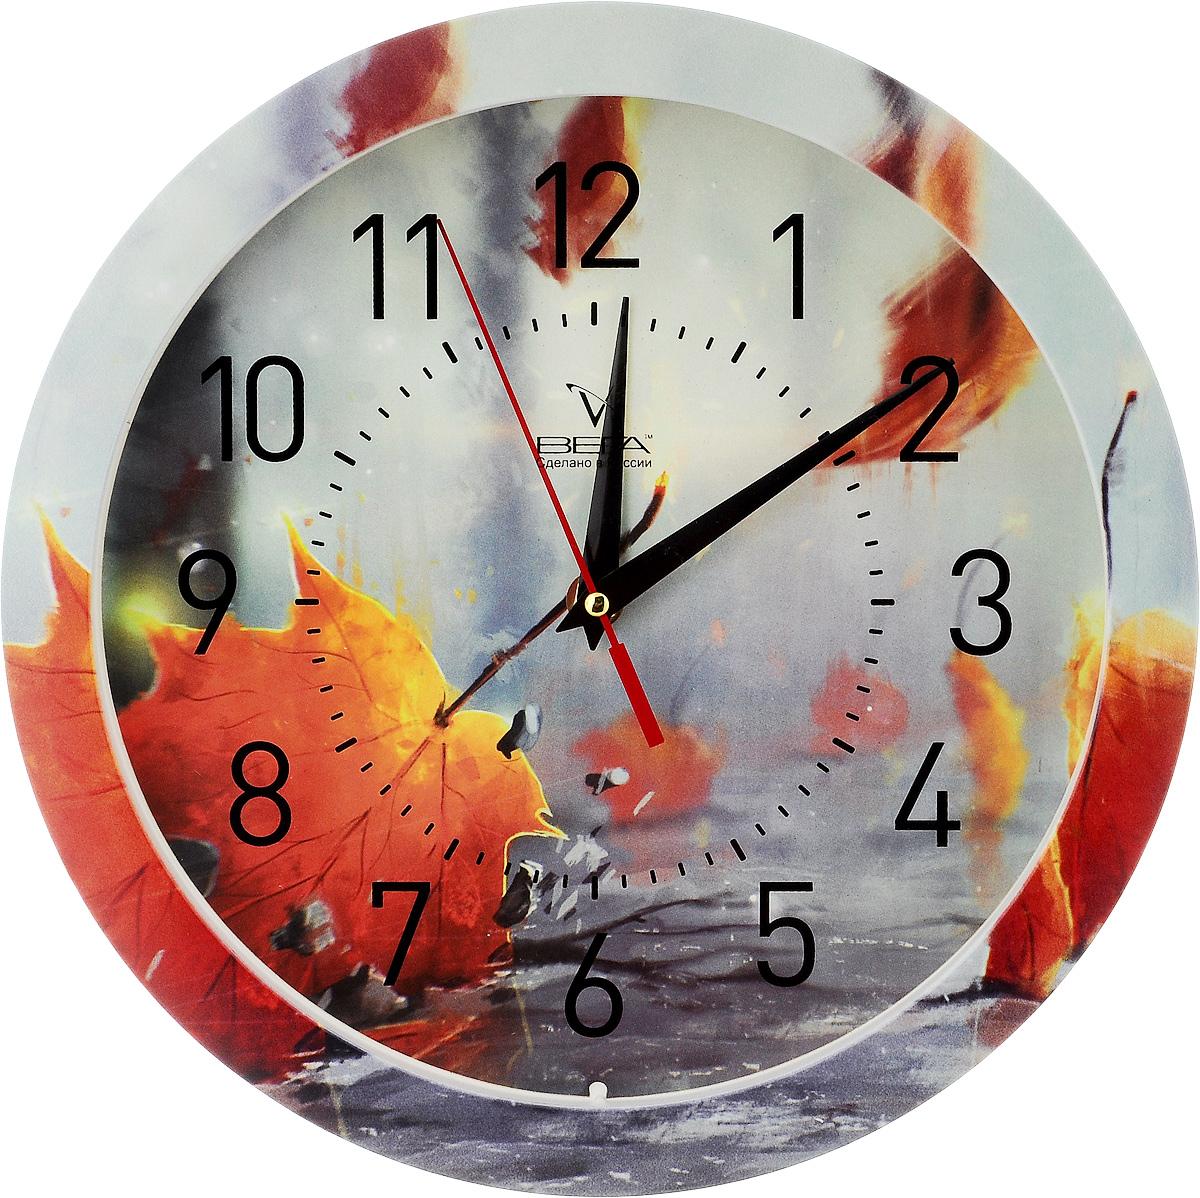 Часы настенные Вега Осень, диаметр 28,5 смП1-1/7-217Настенные кварцевые часы Вега Осень, изготовленные из пластика, прекрасно впишутся в интерьер вашего дома. Часы имеют три стрелки: часовую, минутную и секундную, циферблат защищен прозрачным стеклом. Часы работают от 1 батарейки типа АА напряжением 1,5 В (не входит в комплект).Диаметр часов: 28,5 см.